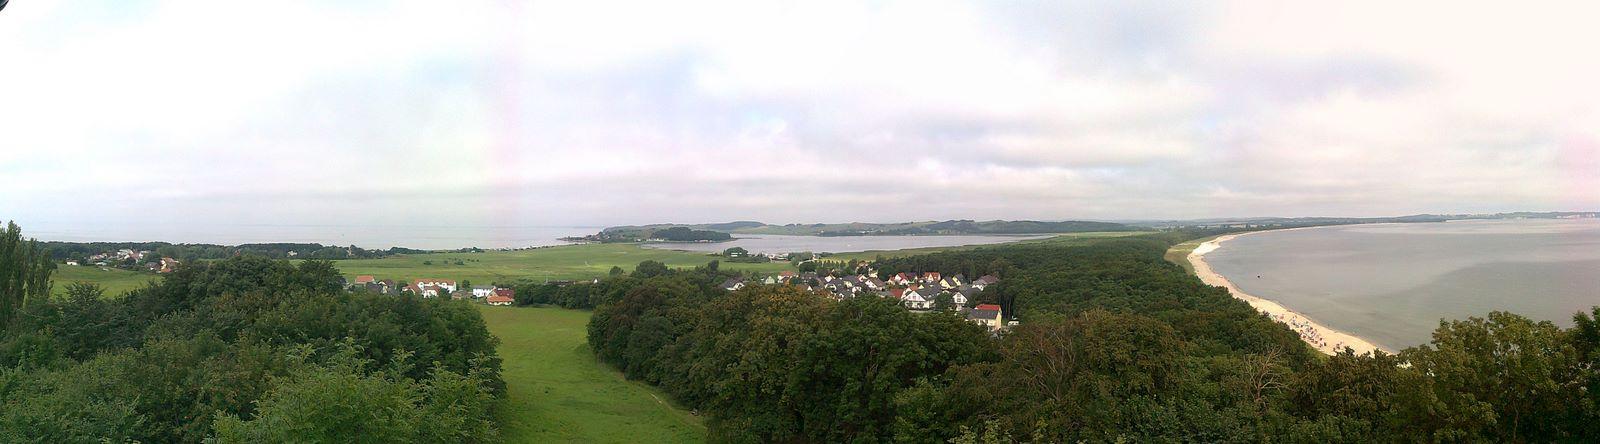 Windsurfen_Ruegen_-_Thiessow_Ost-_und_Weststrand.jpg